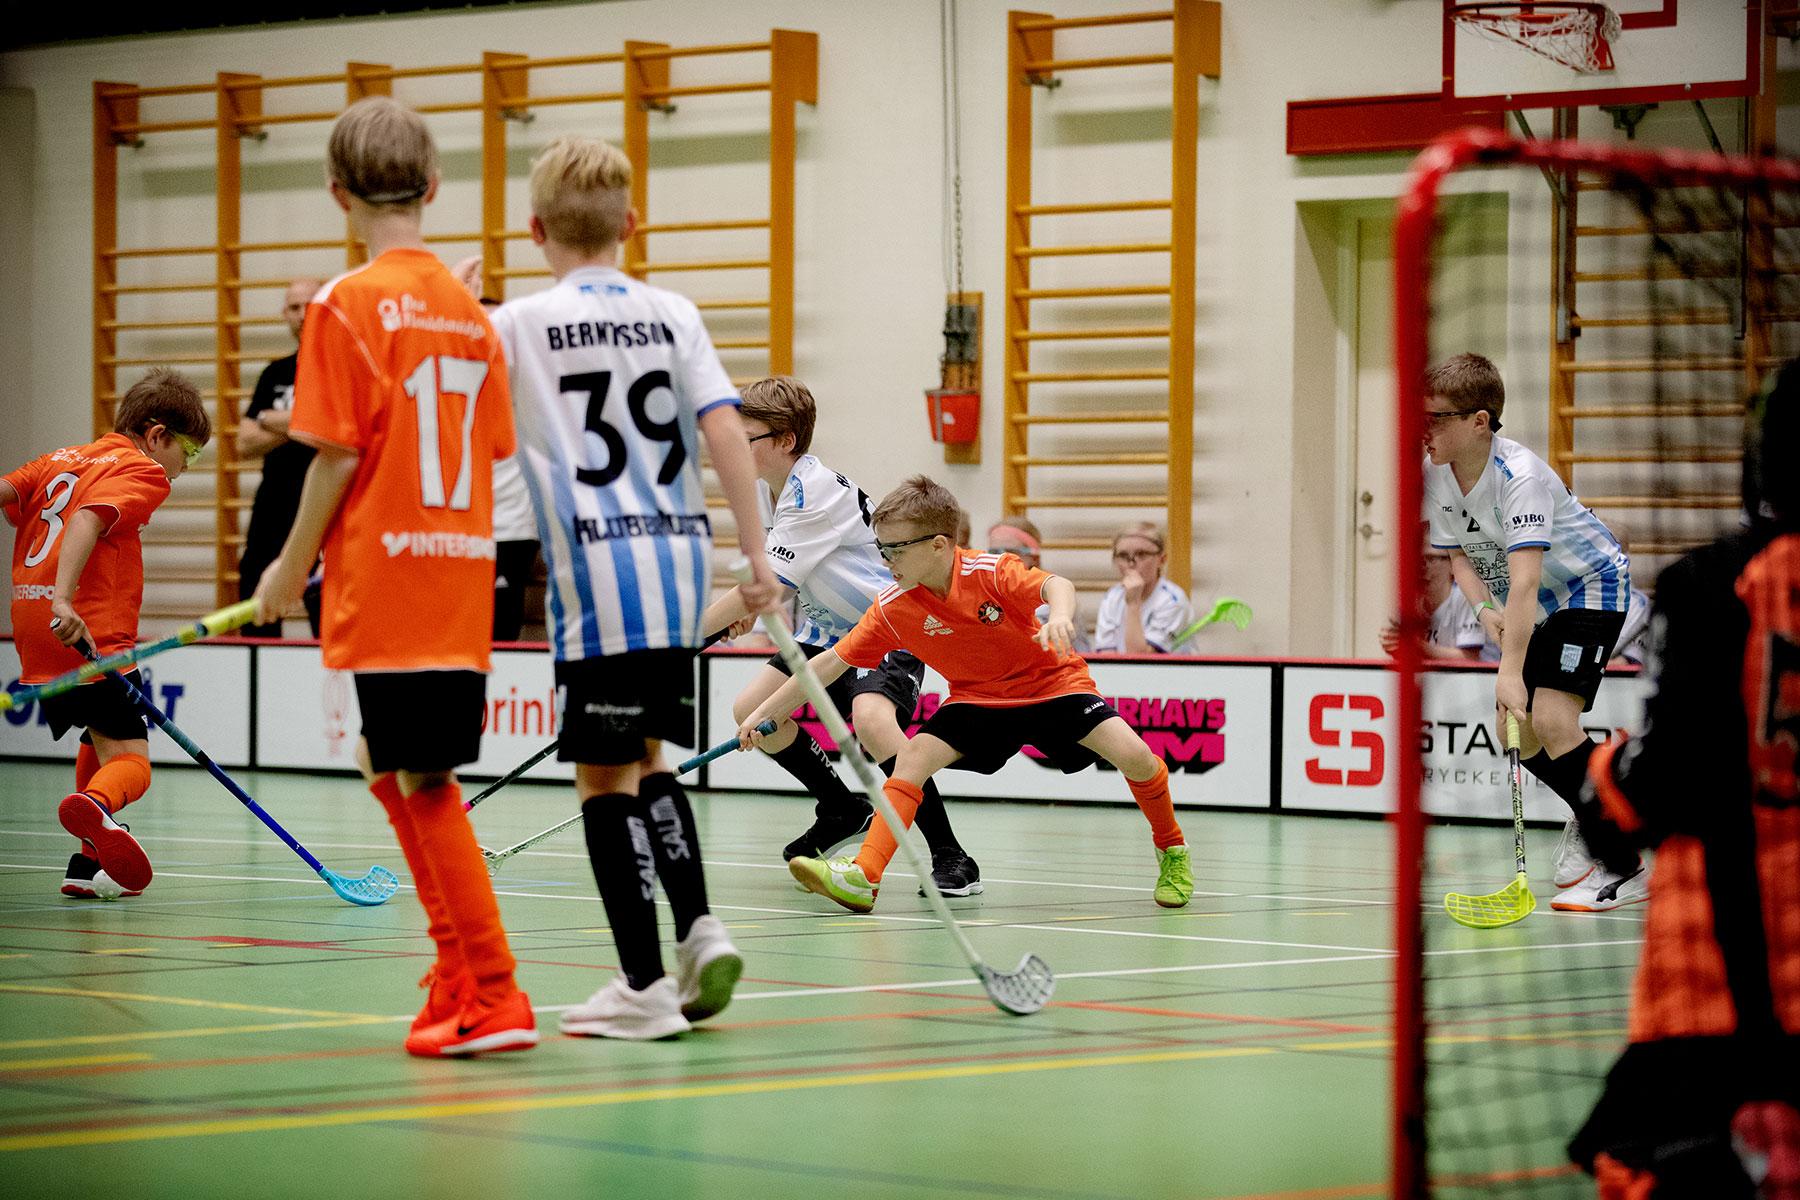 blogg-190407varbergsspelen6.jpg